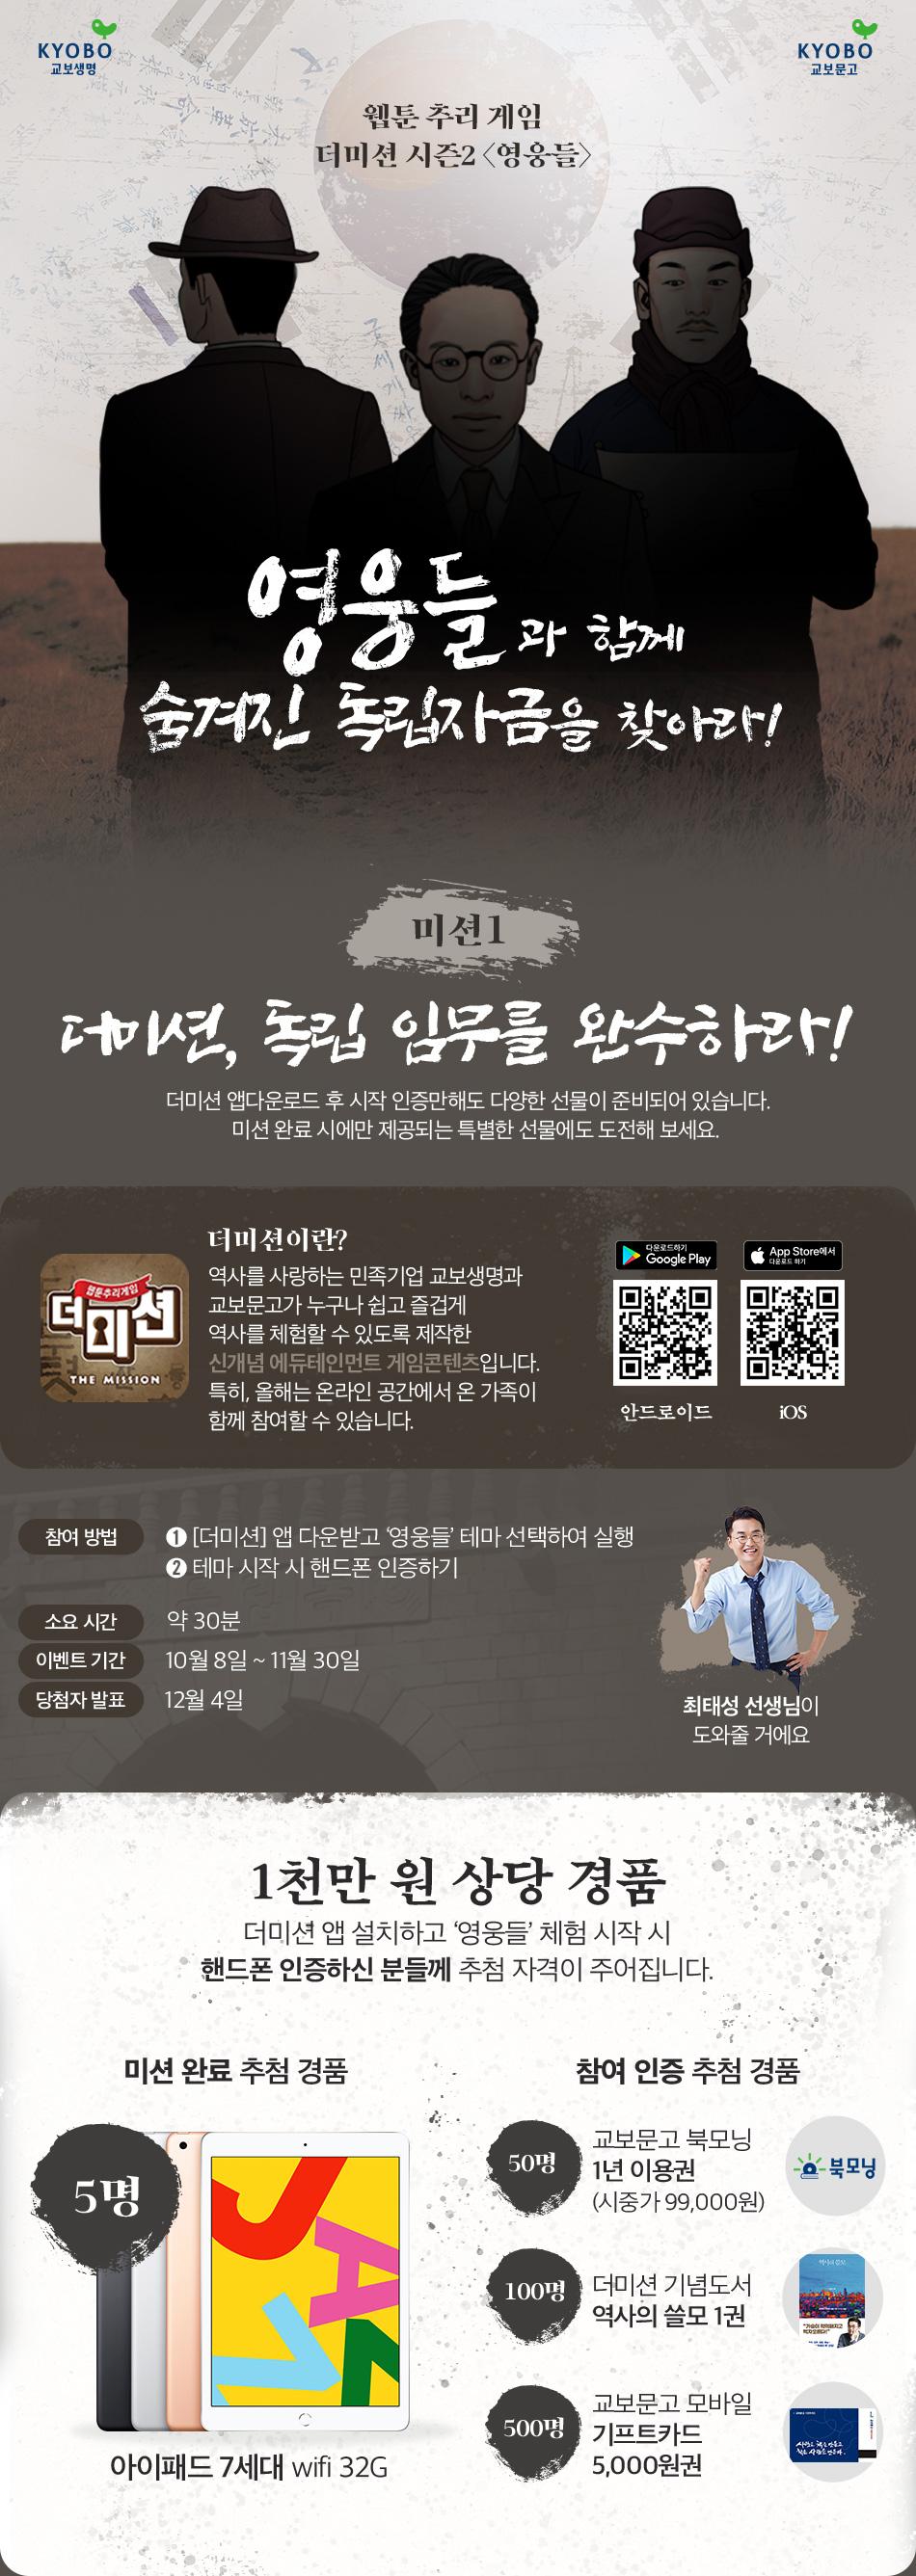 웹툰 추리 게임/ 더미션 시즌2 '영웅들'/ (미션1) 더미션, 독립 임무를 완수하라!